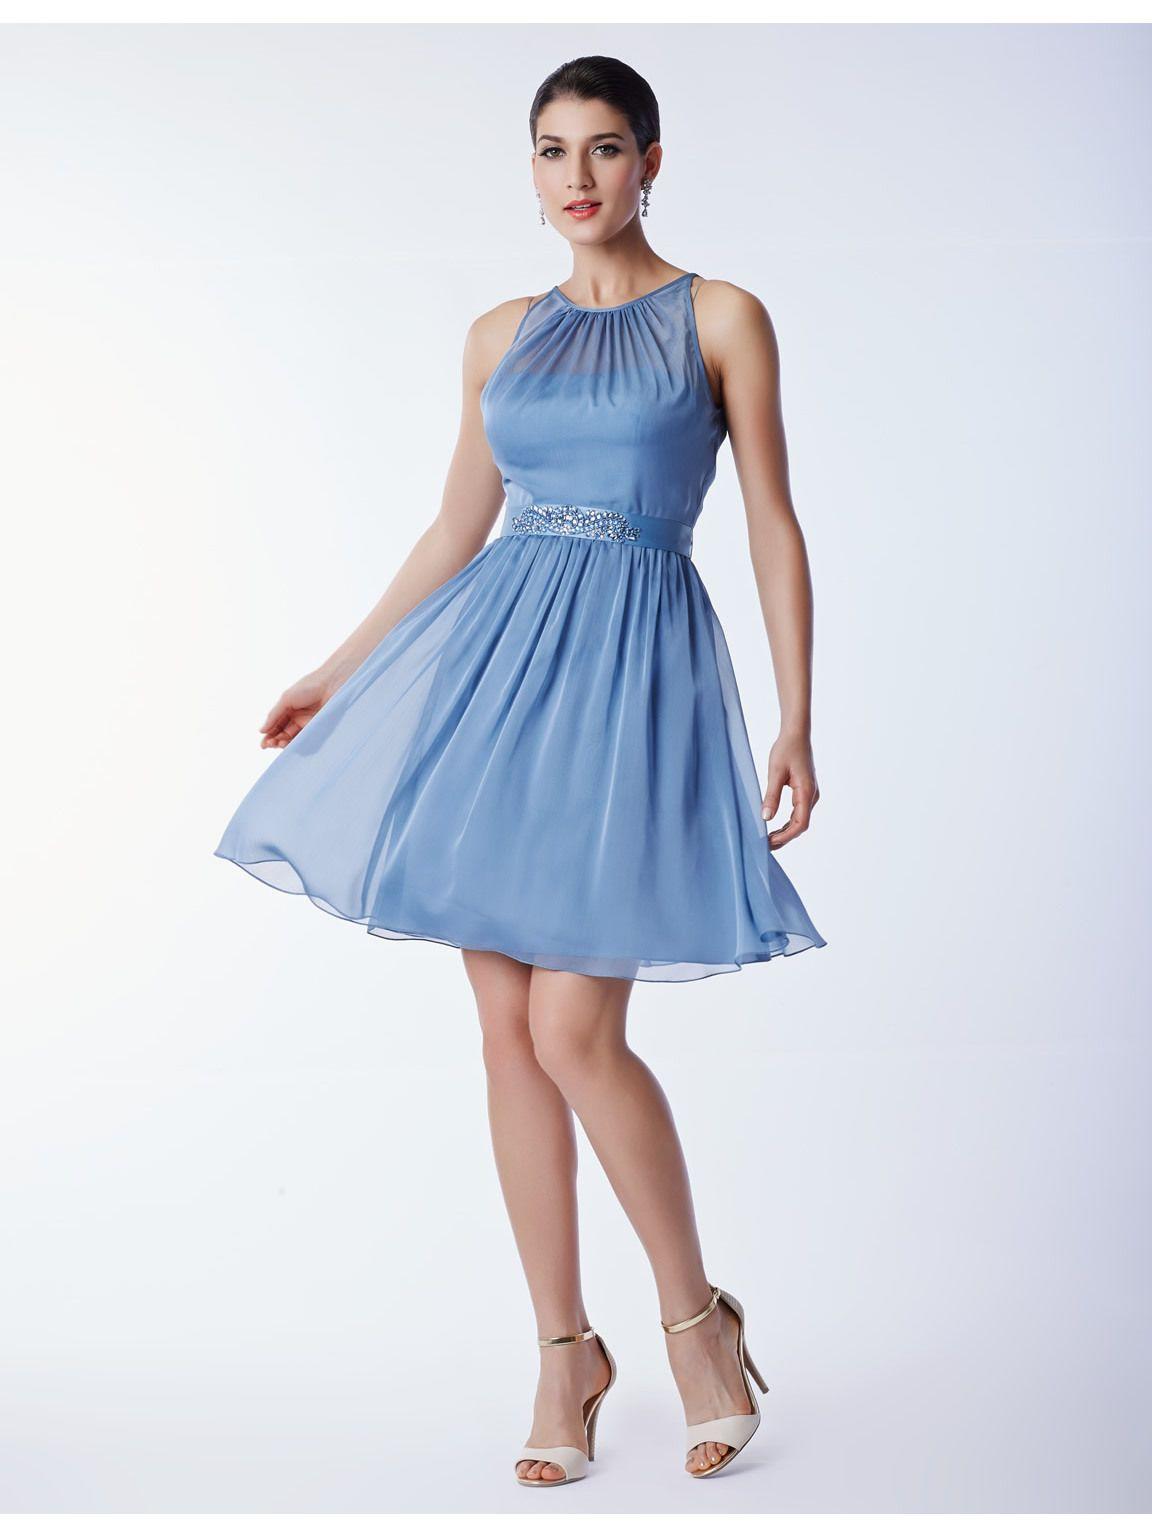 Short iridescent chiffon halter dress with beaded belt zipper back